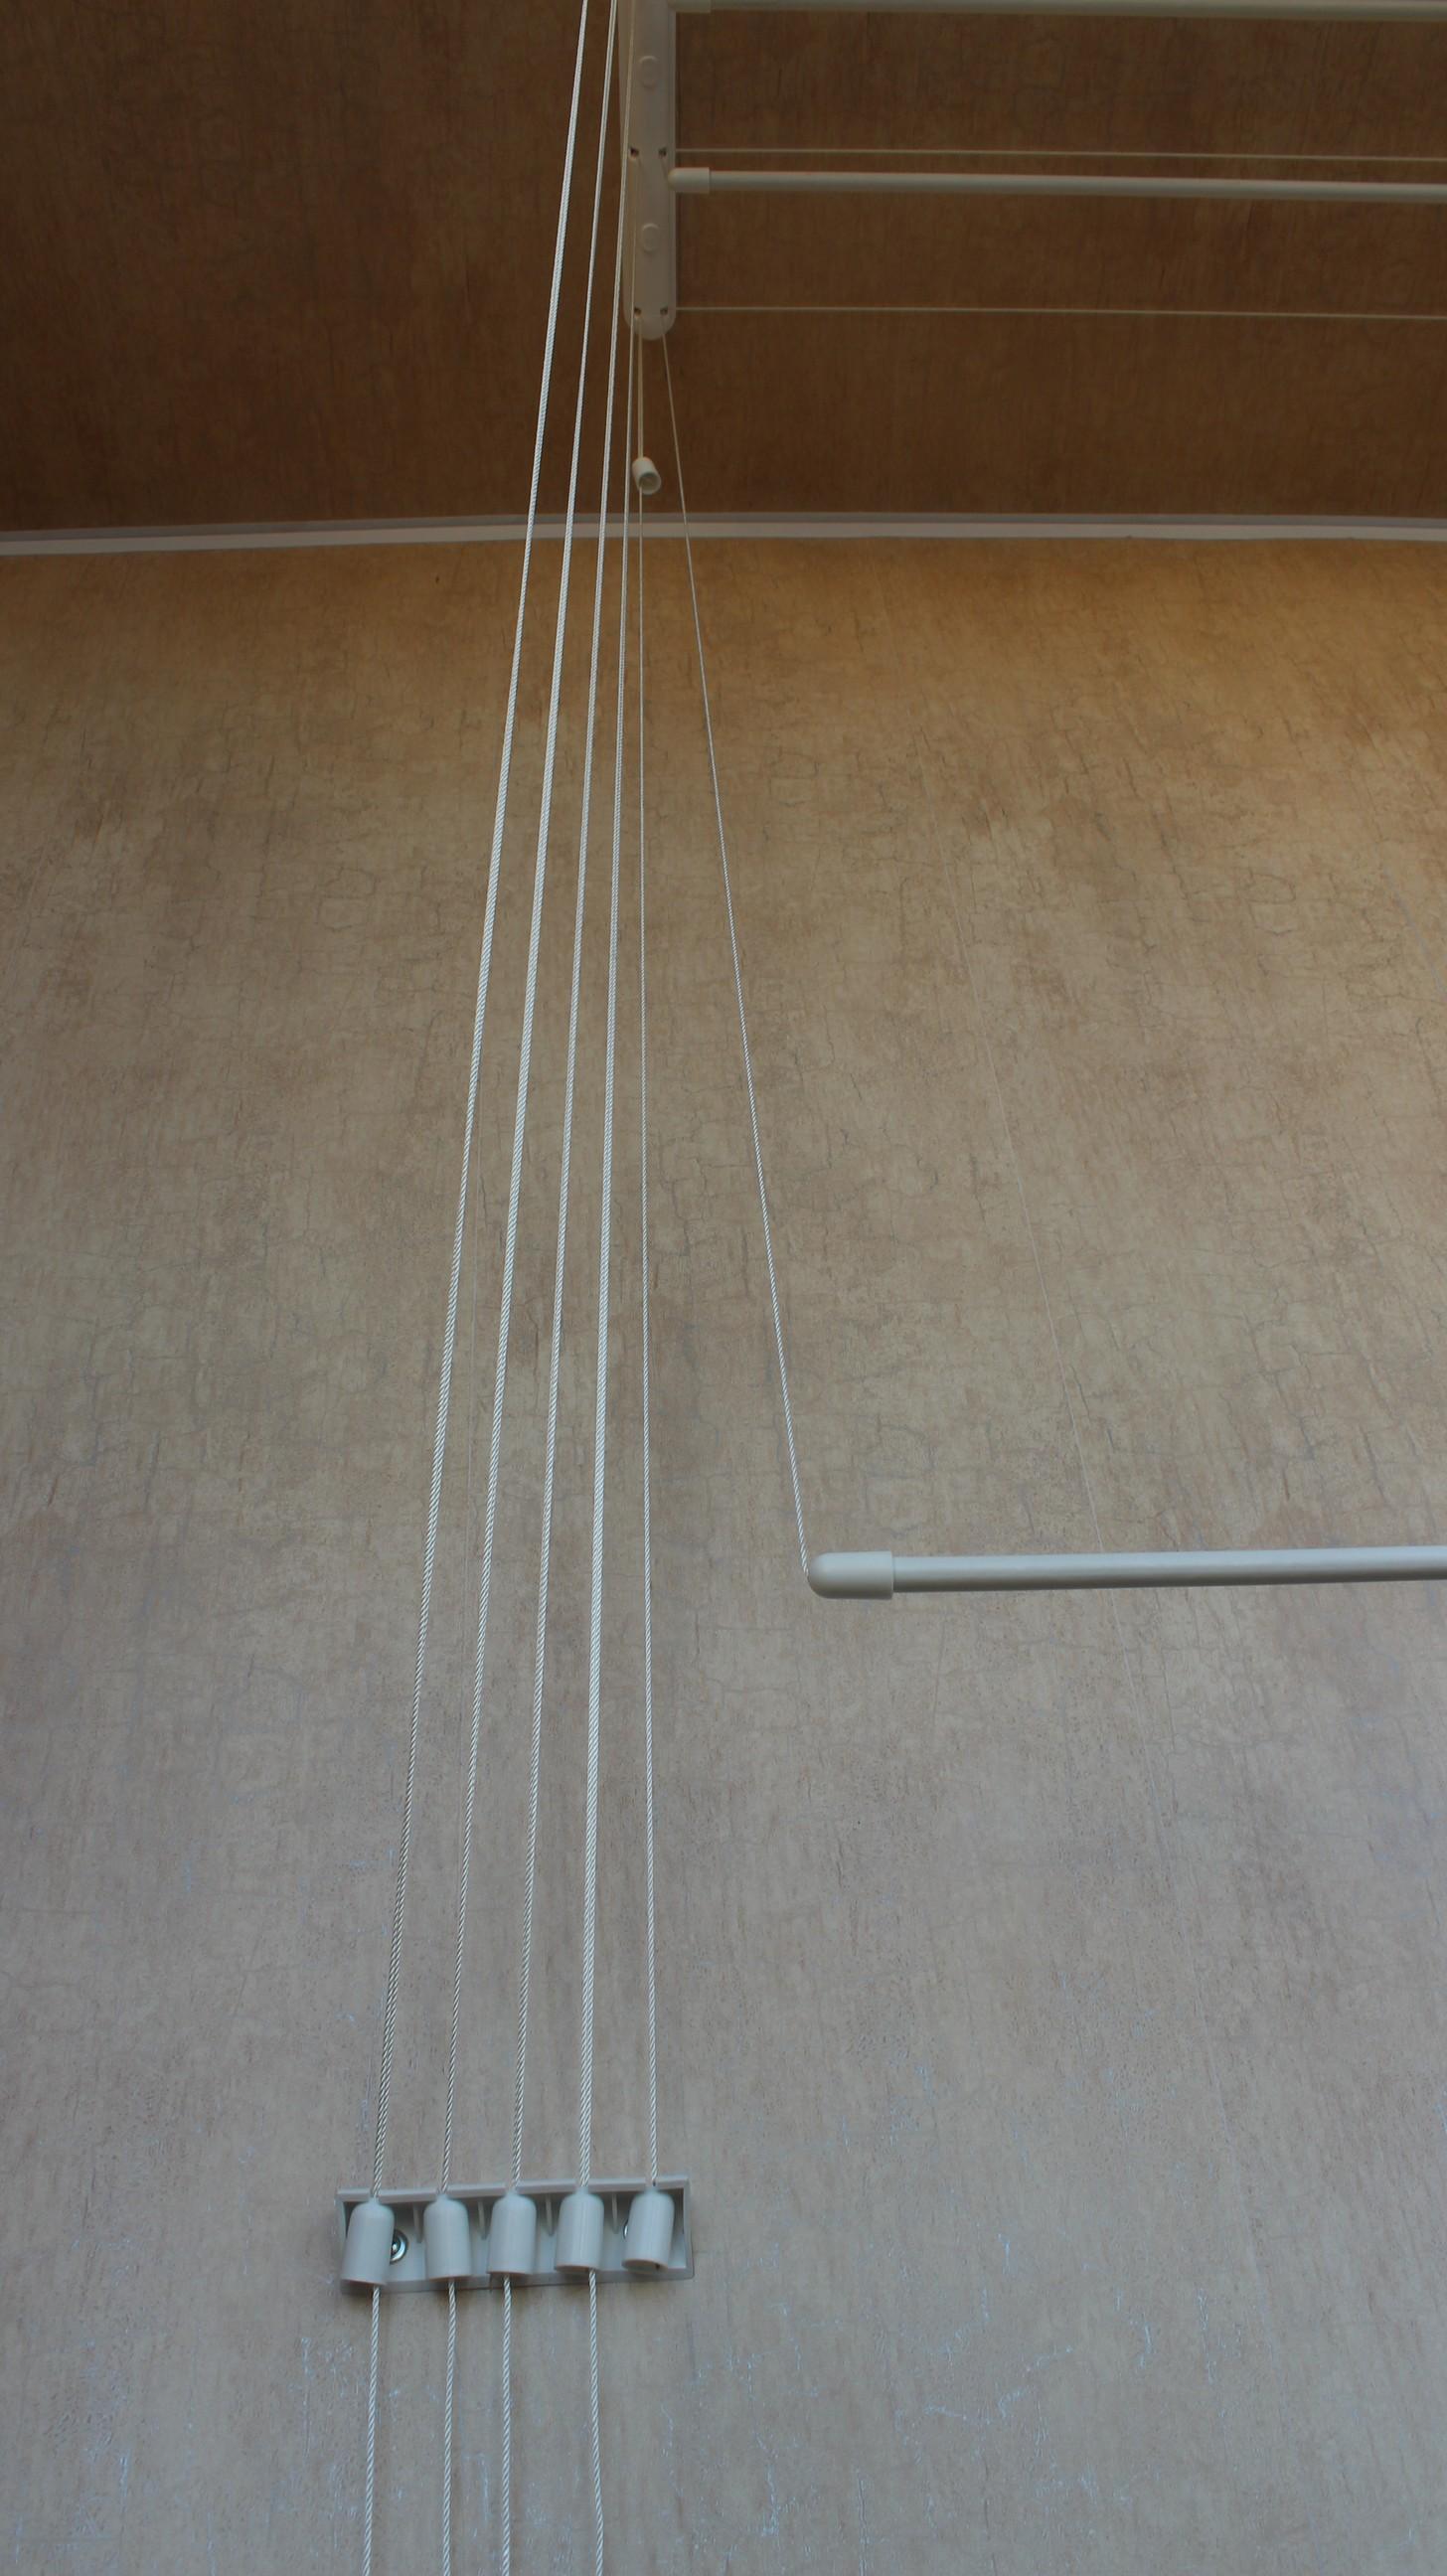 Потолочная сушилка для белья Лифт 17.jpg